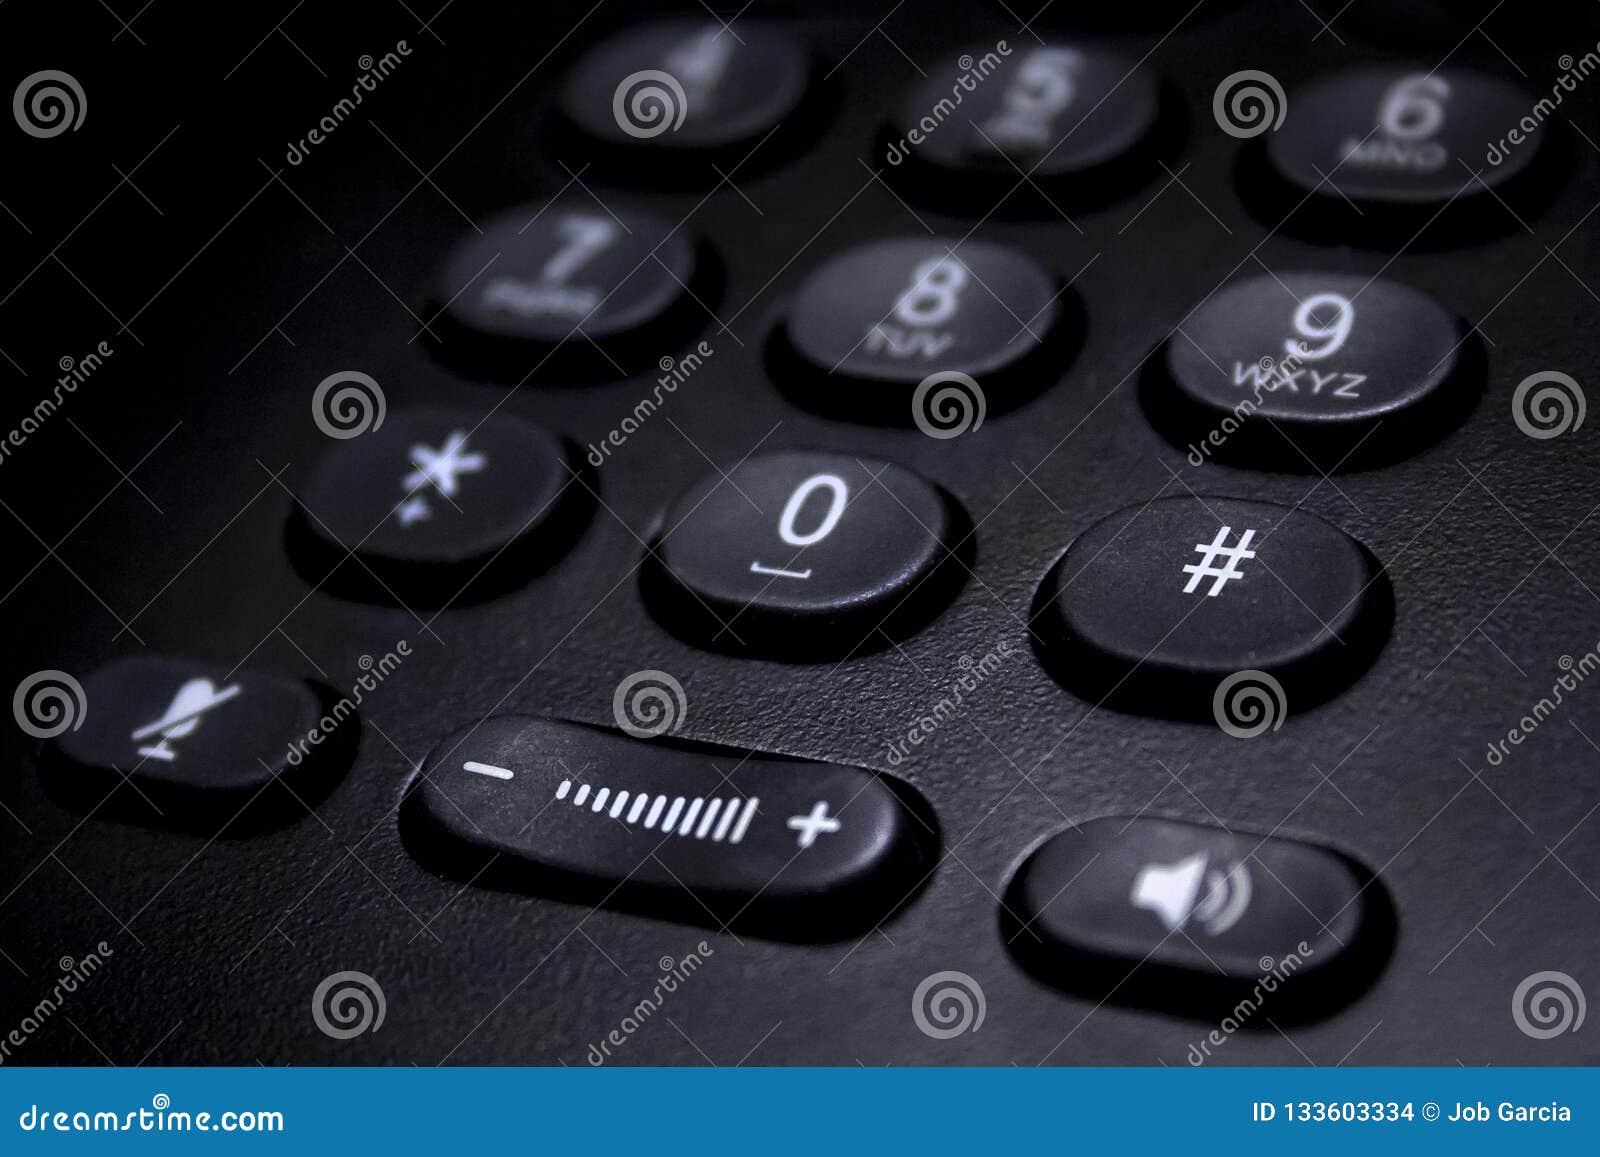 Detalle negro del telclado numérico del teléfono